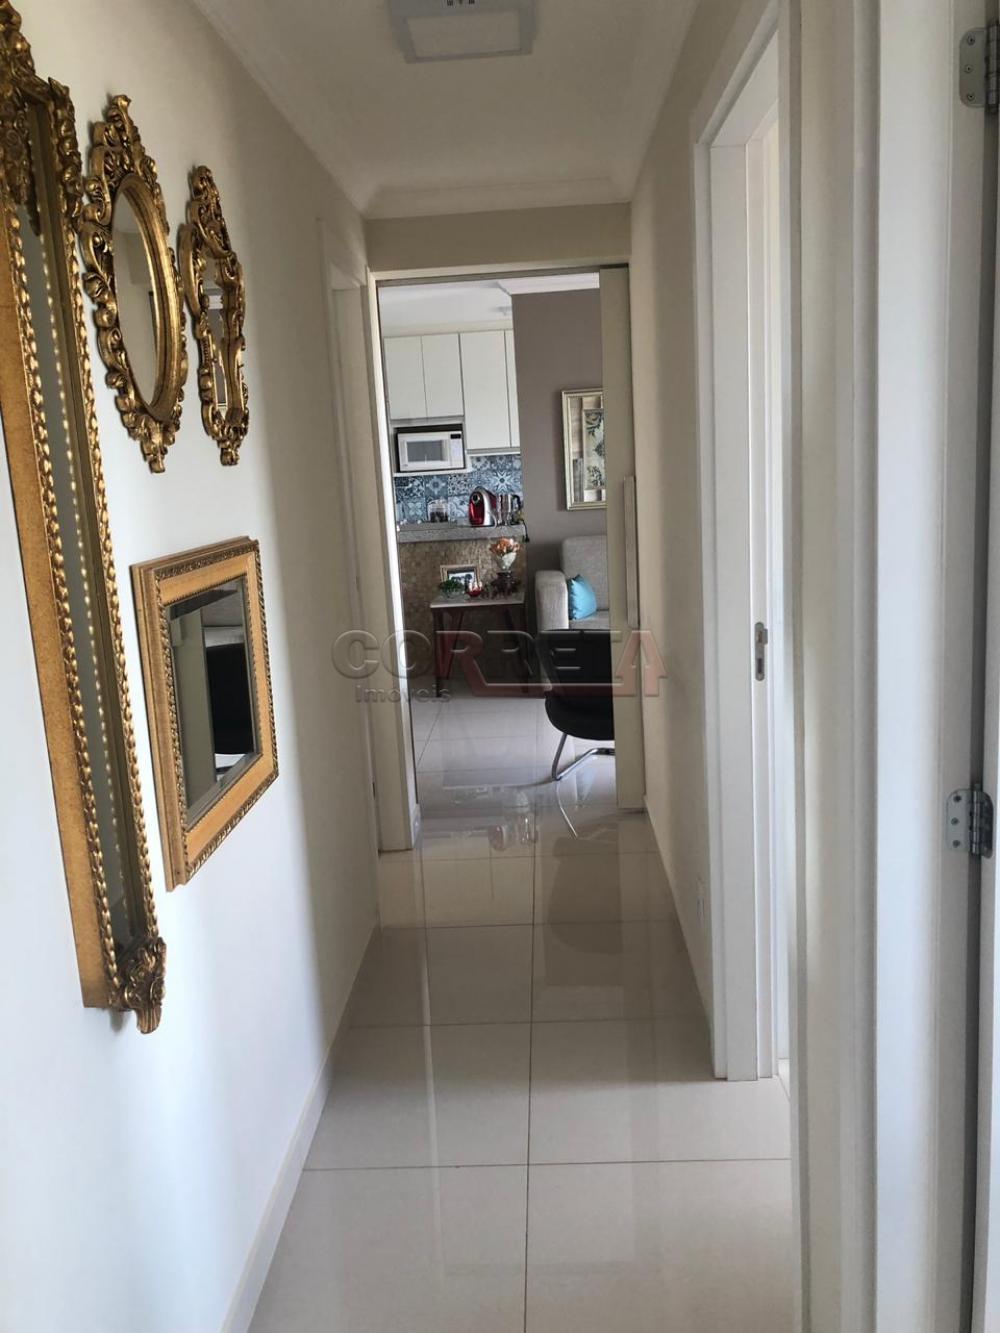 Comprar Apartamento / Padrão em Araçatuba R$ 570.000,00 - Foto 15